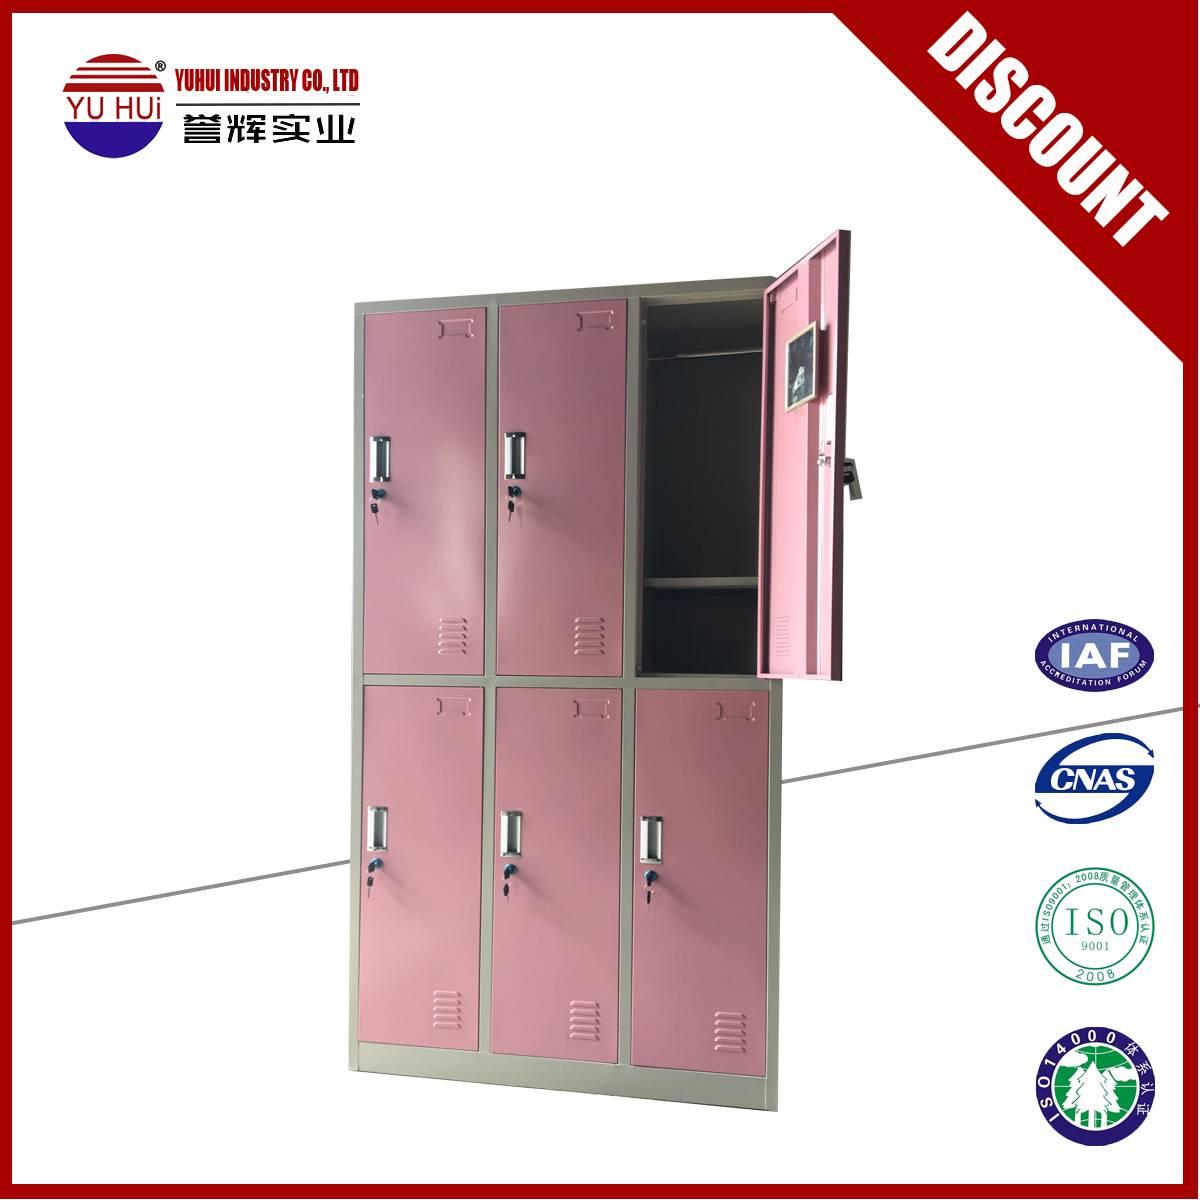 factory produce 6 door metal locker with mirror